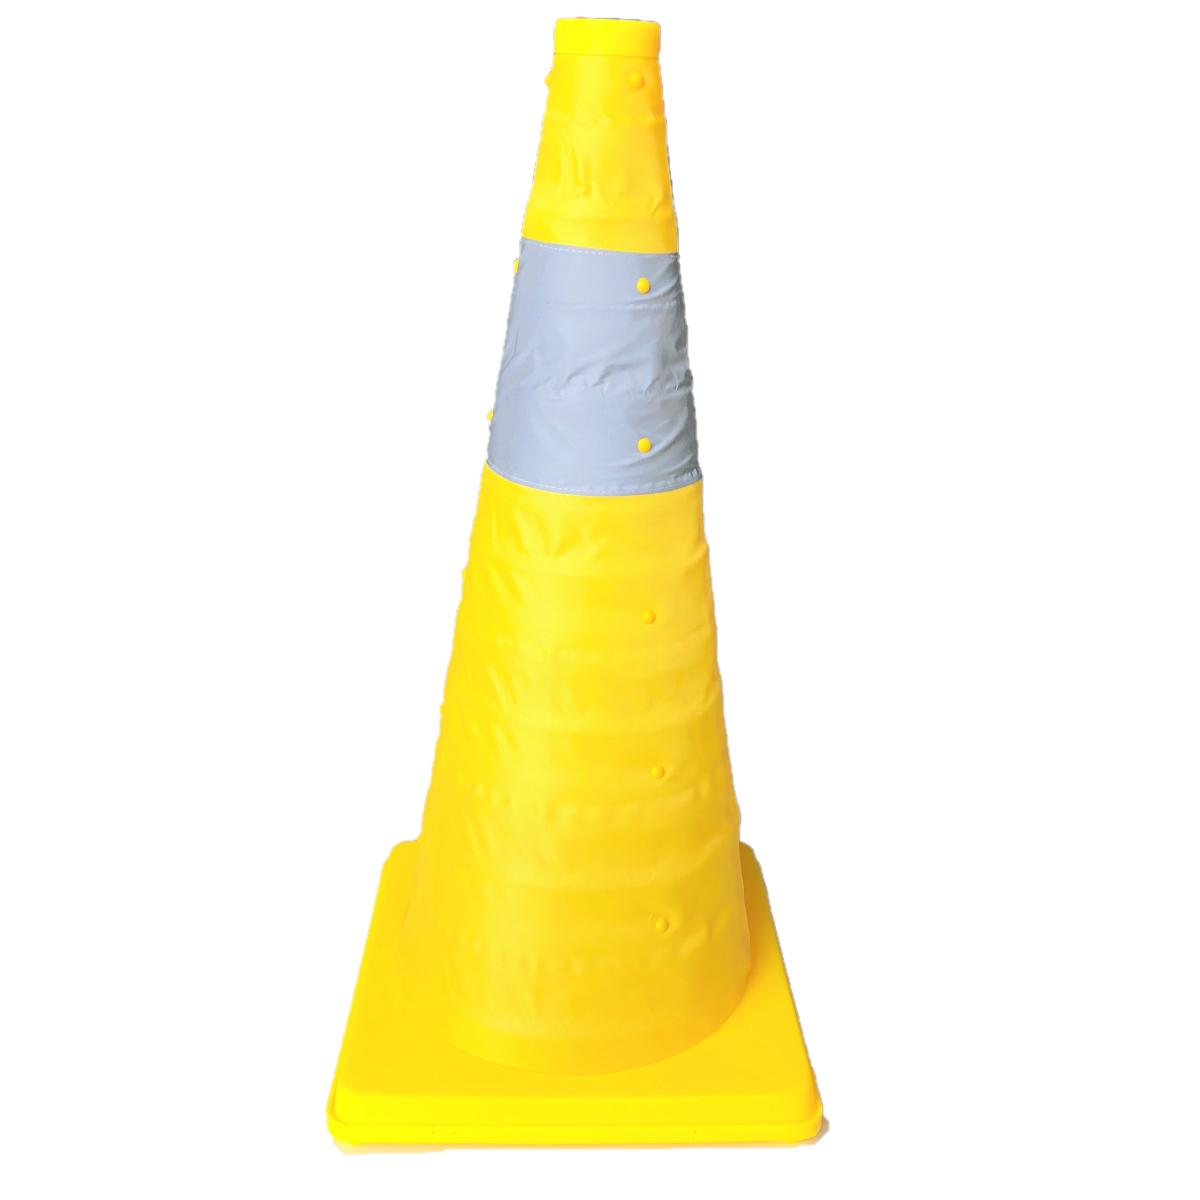 伸縮式カラーコーン【6個セット】 高さ62cm 折り畳み三角コーン イエロー 折りたたみ式三角コーン 折り畳みカラーコーン 送料無料